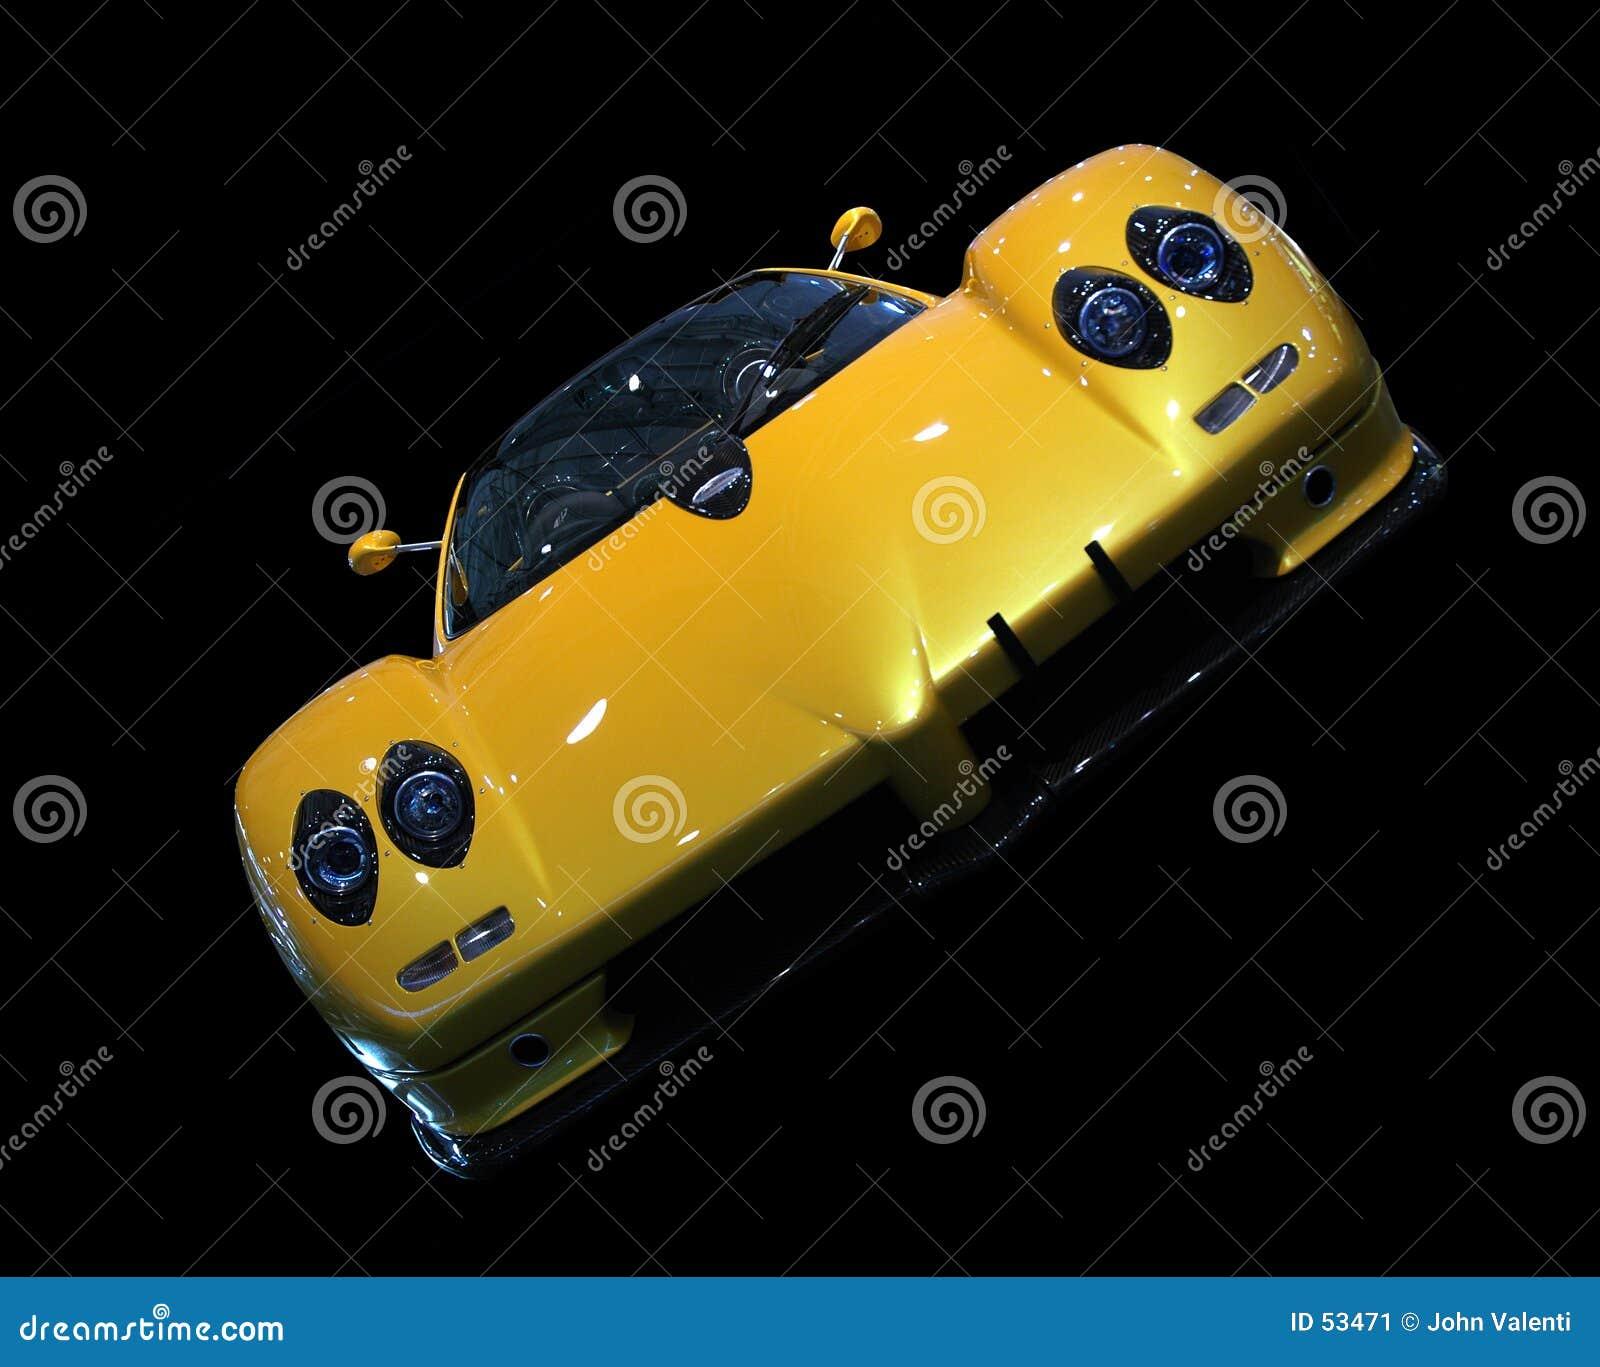 Download Véhicule de sport image stock. Image du roues, véhicule - 53471